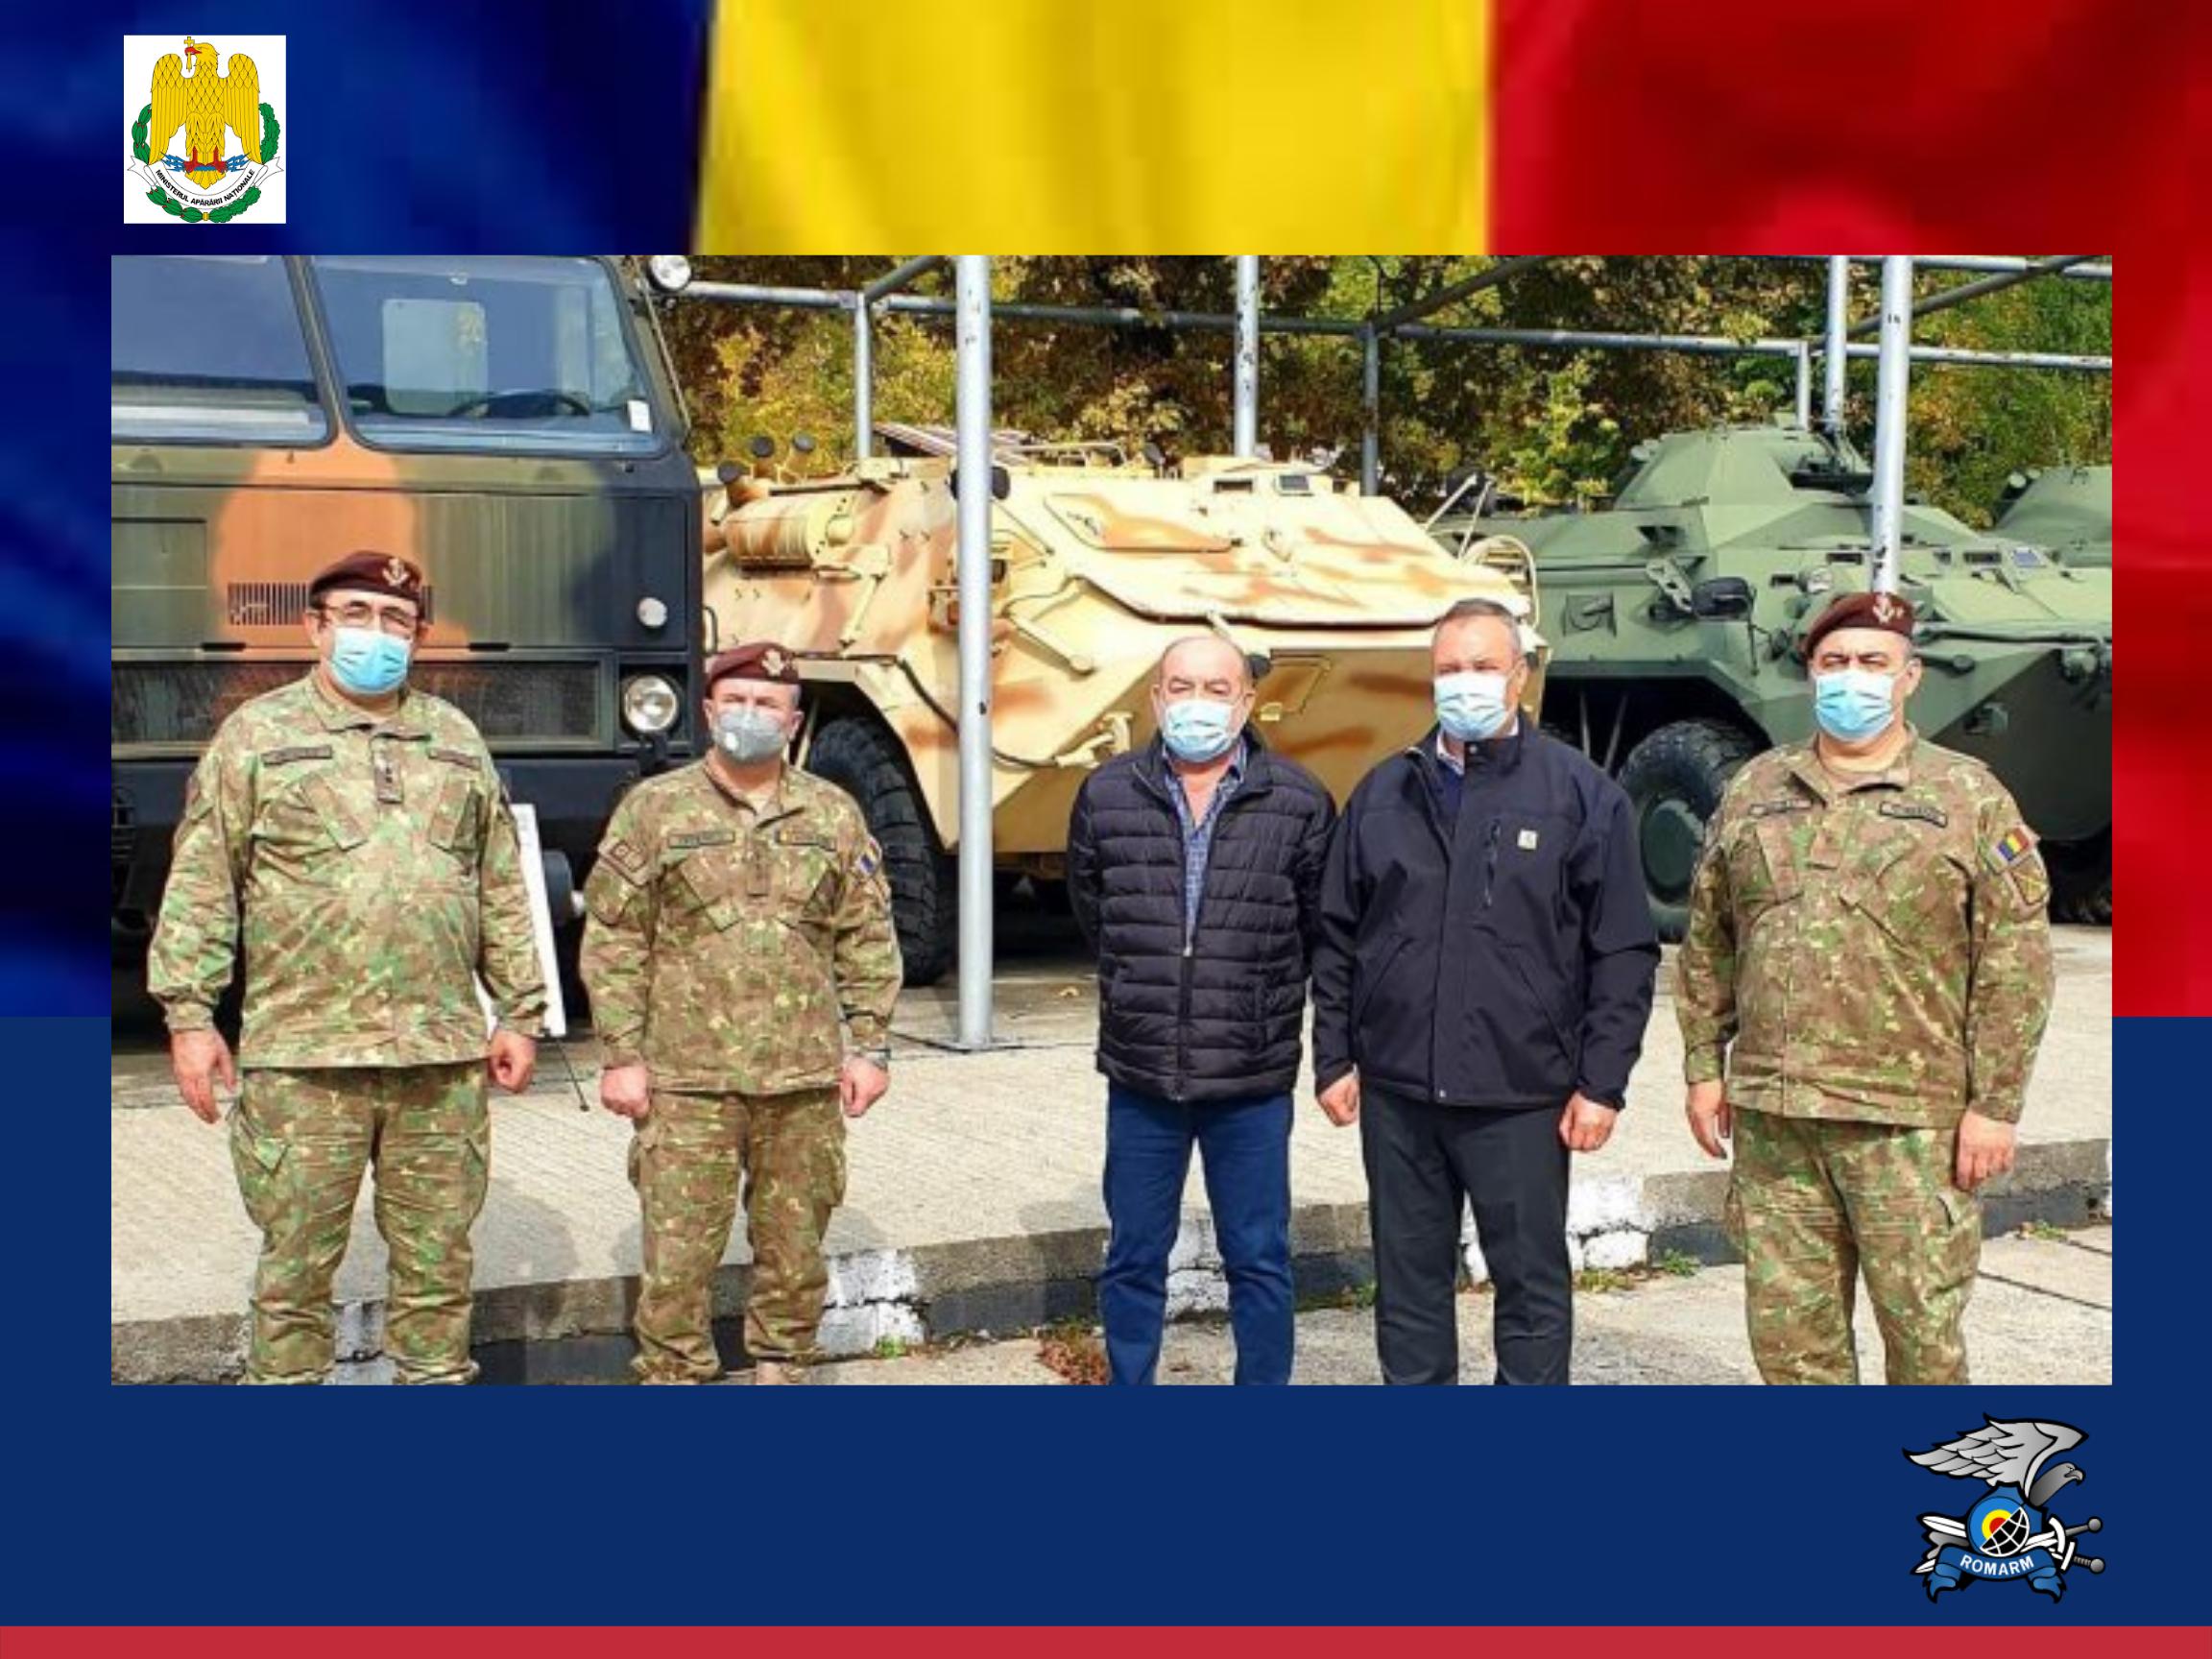 Vizita oficială a Ministrului Apărării Naționale, Nicolae-Ionel Ciucă la Uzina Automecanică Moreni